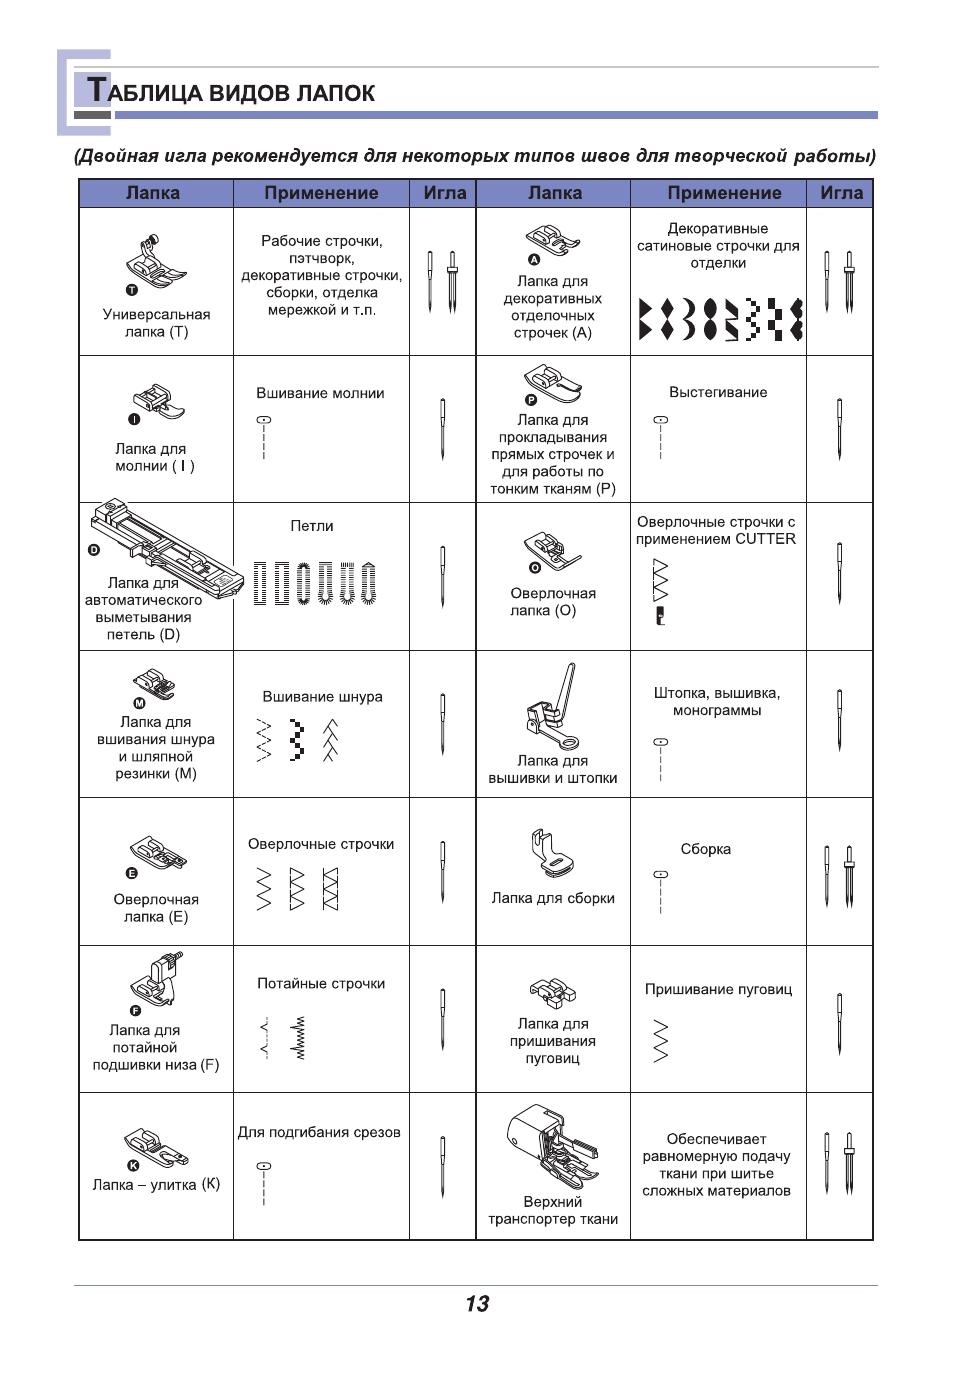 подержанную машину виды швейных лапок и их применение Крыму Отдых